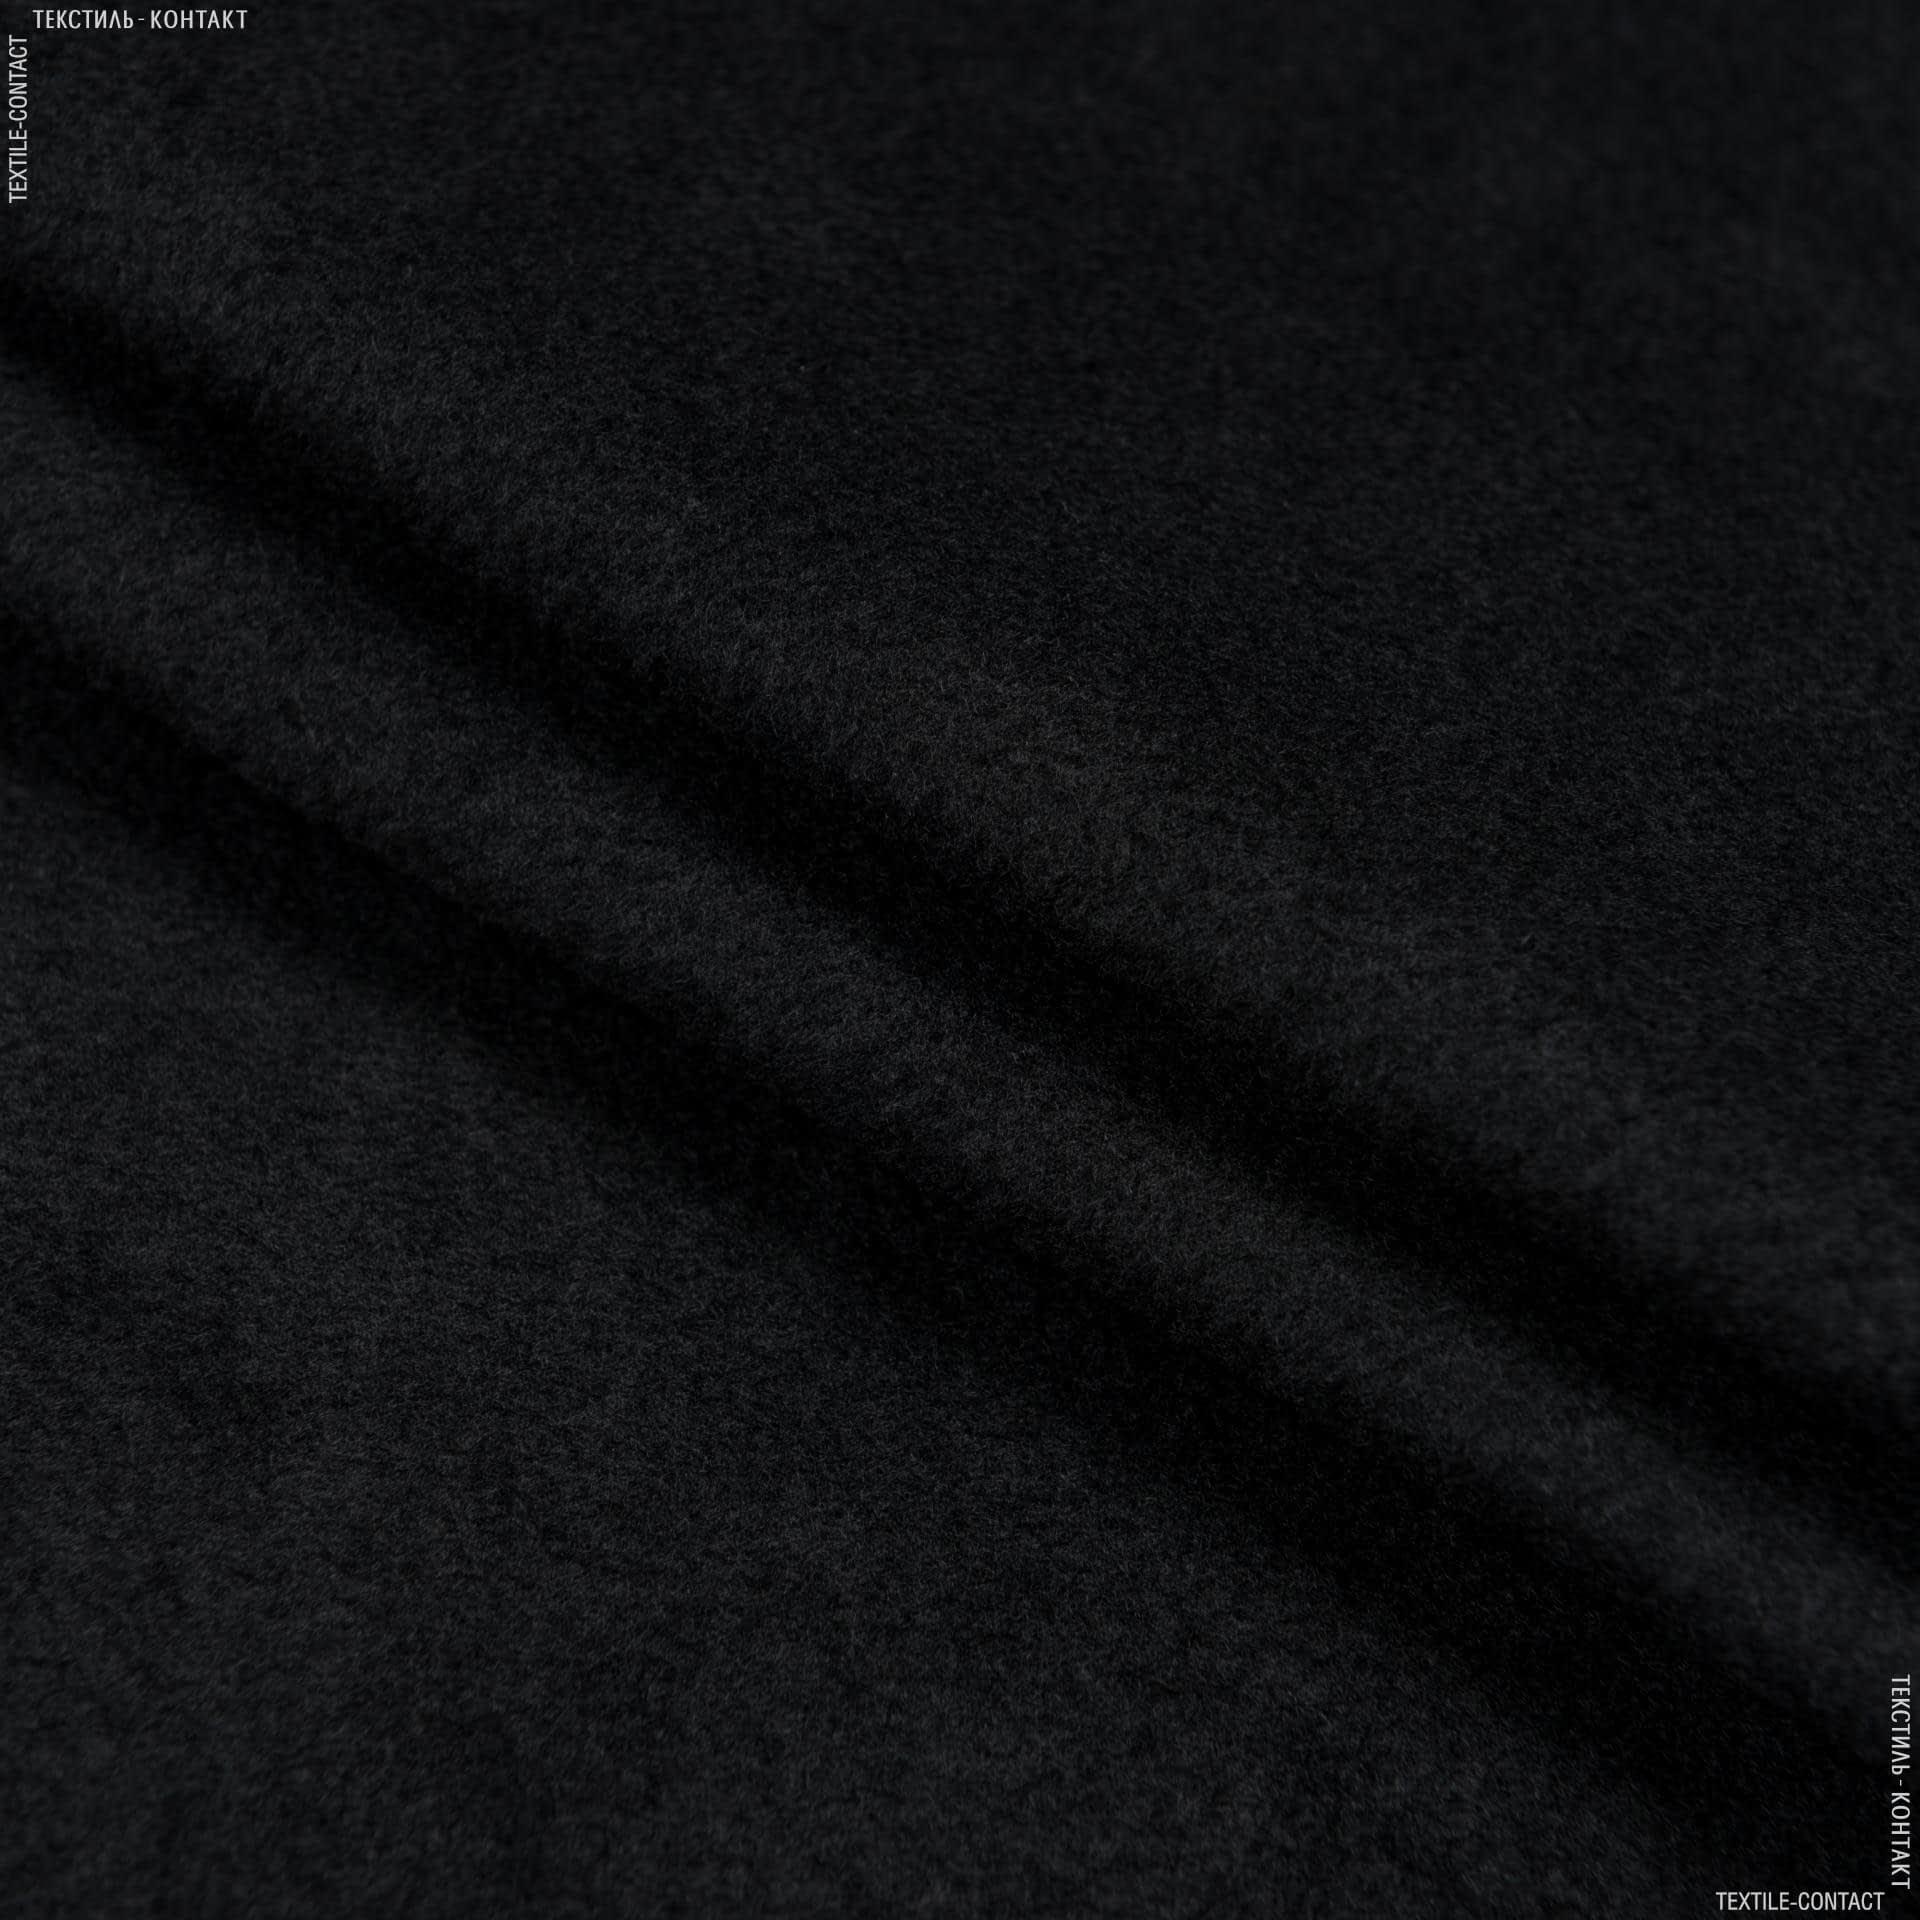 Ткани для спортивной одежды - Флис черный